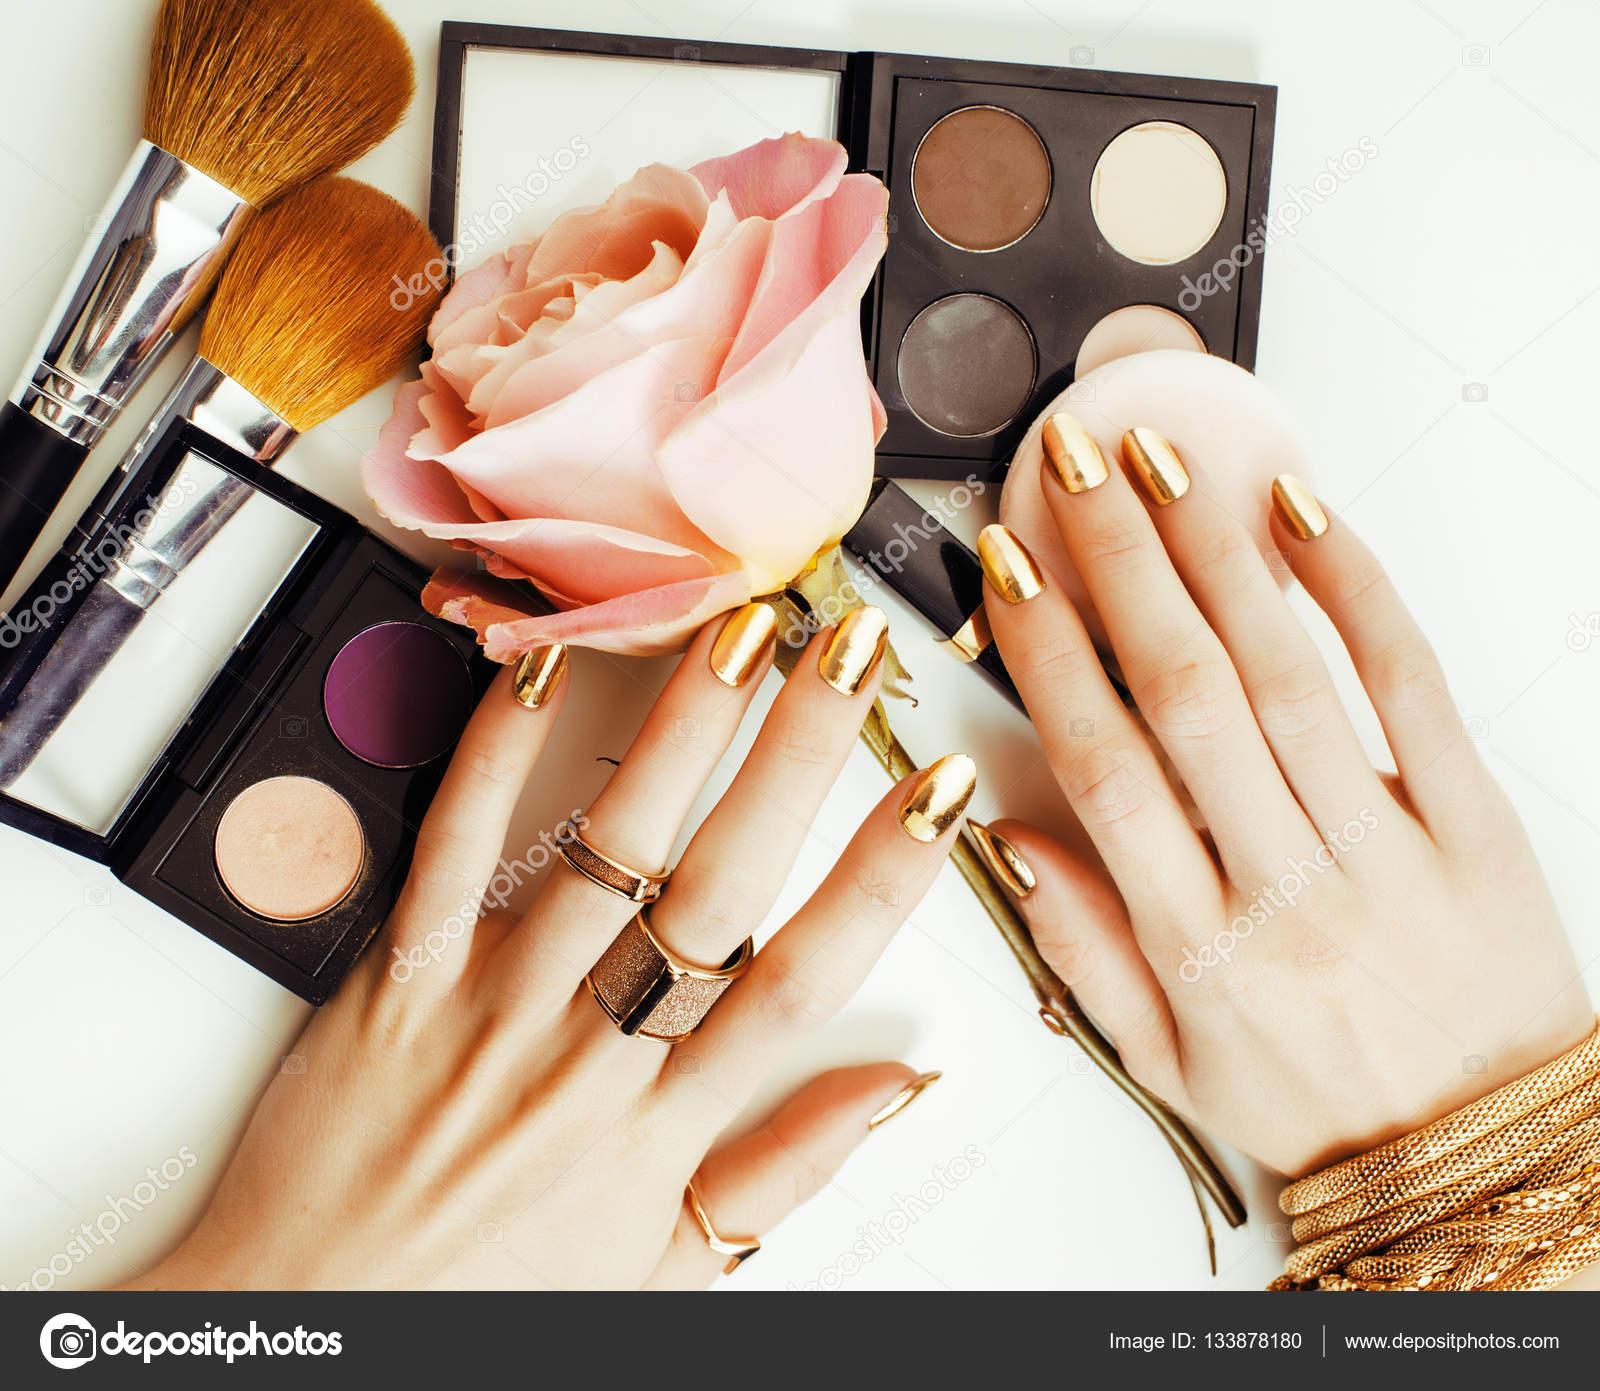 86ee1e966de5 žena ruce zlatý manikúra — Stock Fotografie © iordani  133878180